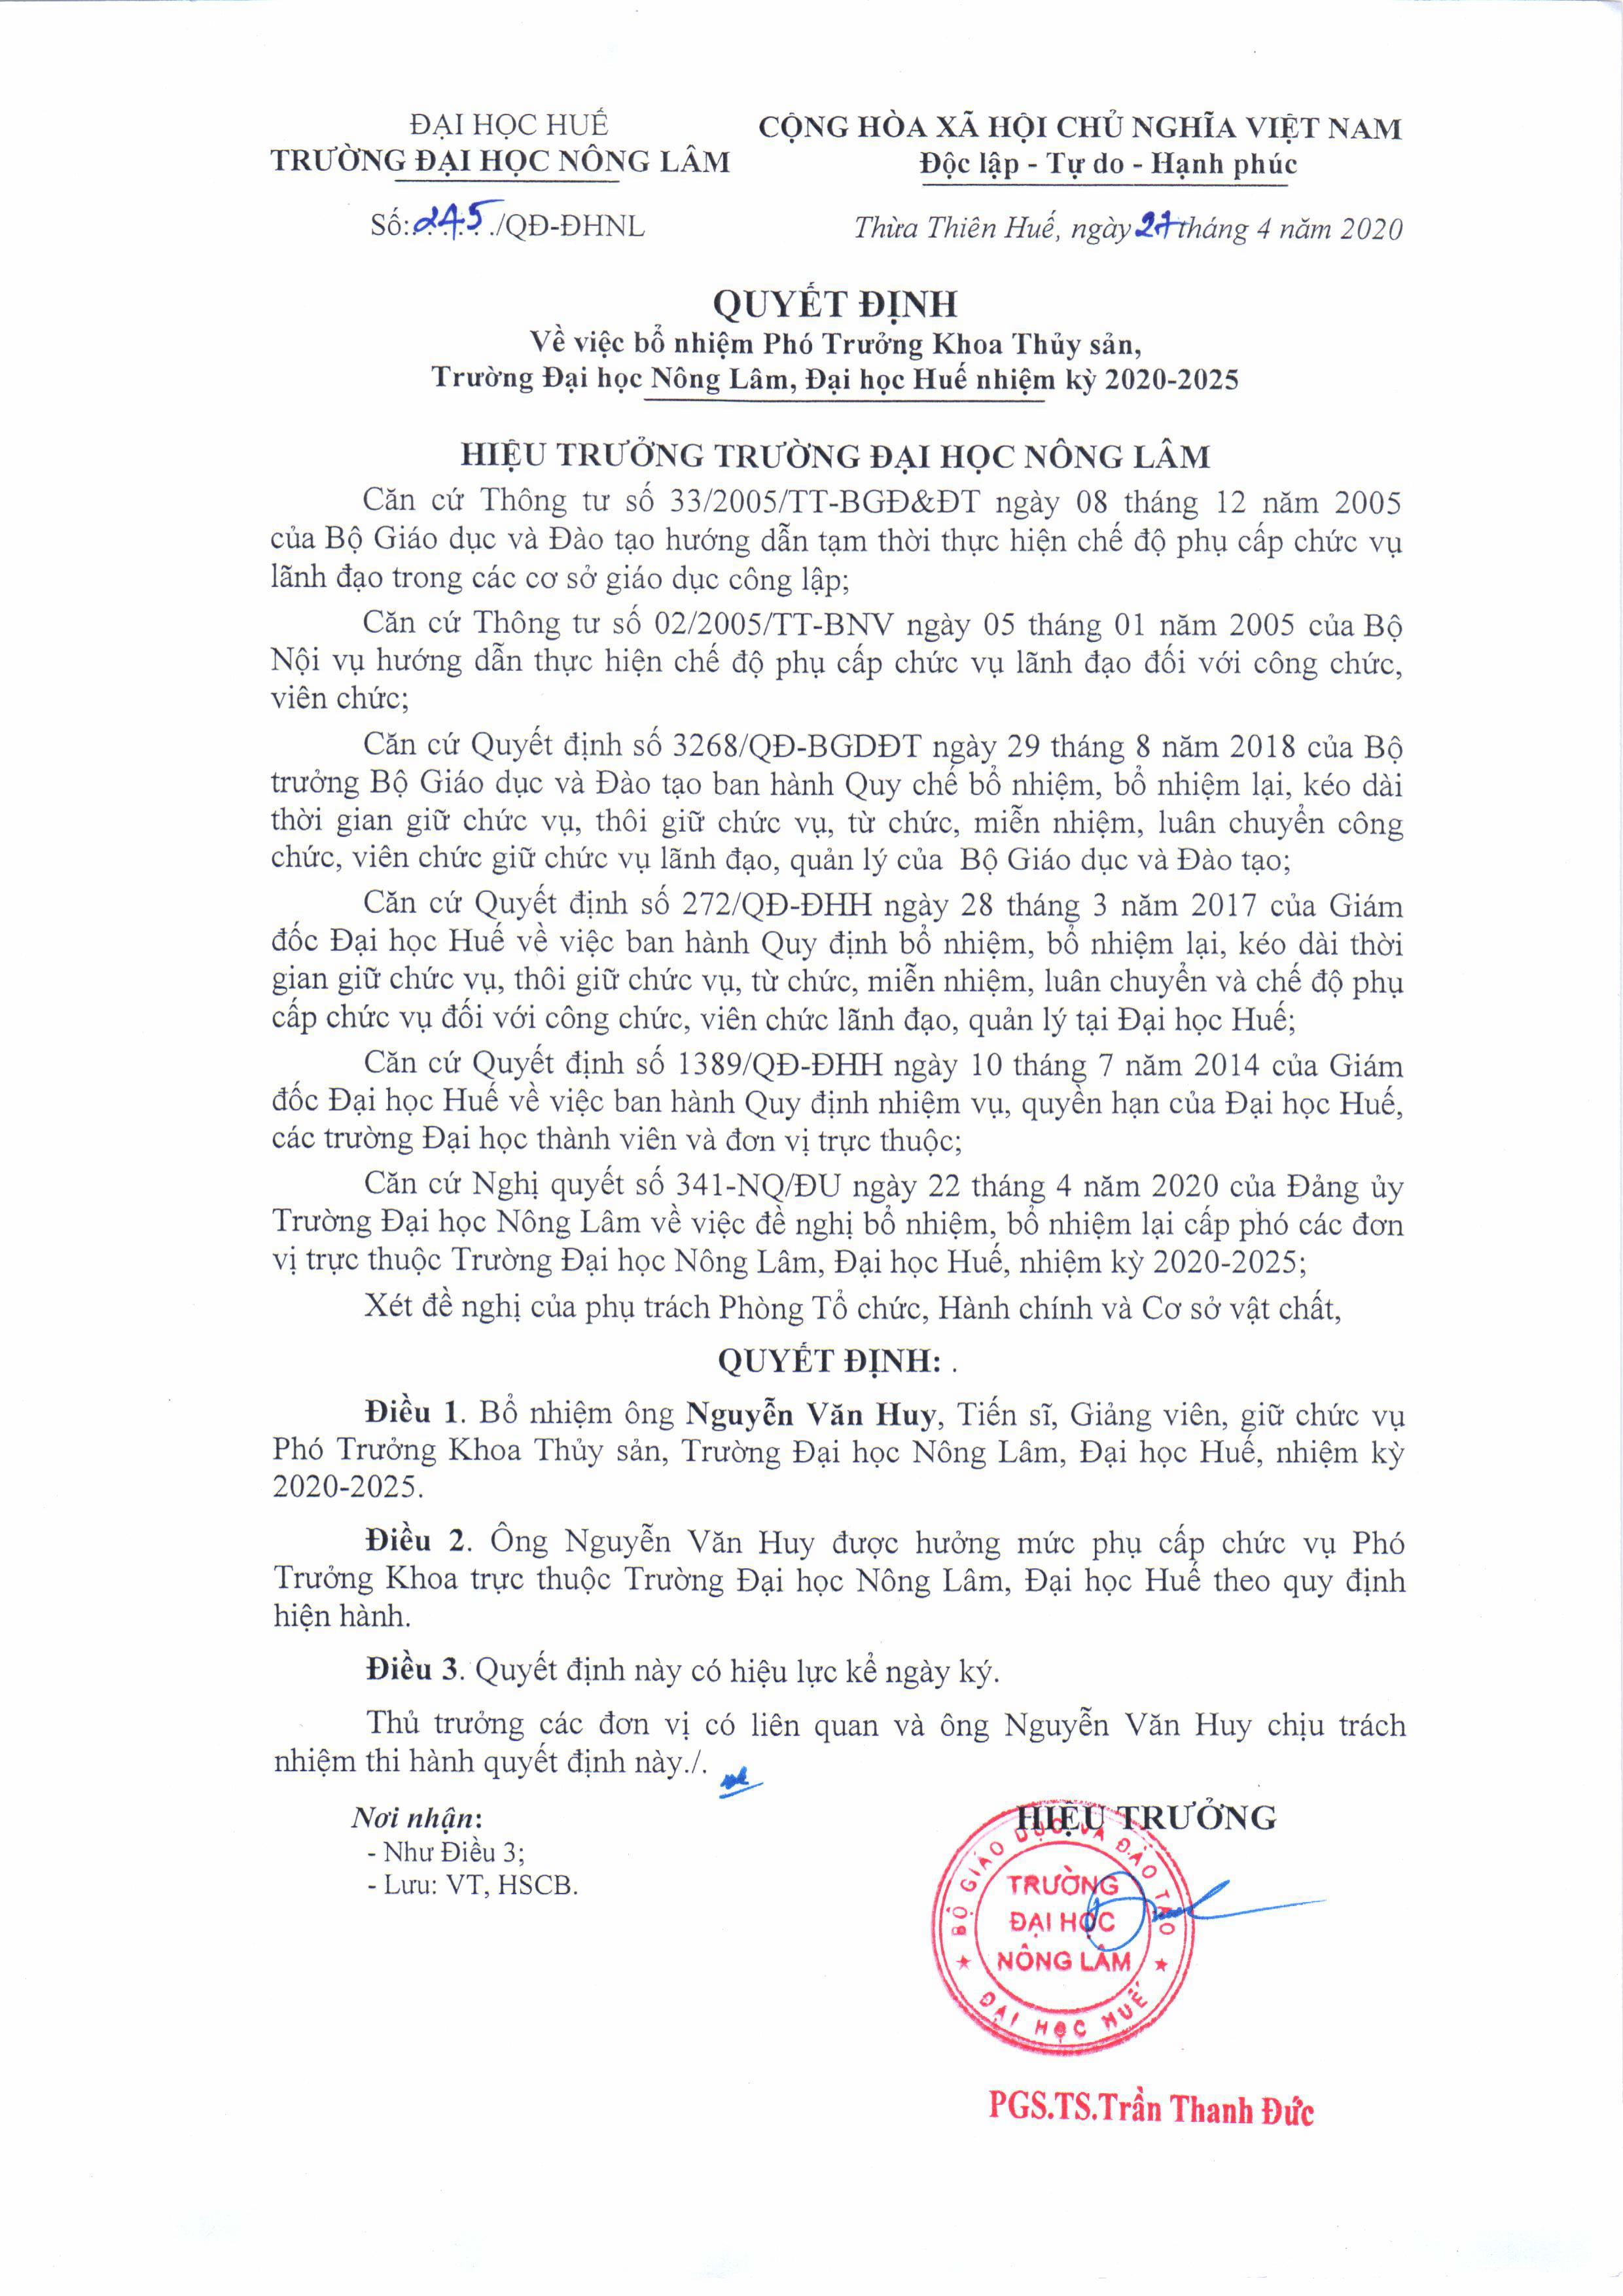 Quyết định bổ nhiệm TS. Nguyễn Văn Huy giữ chức vụ Phó Trưởng khoa Thủy sản